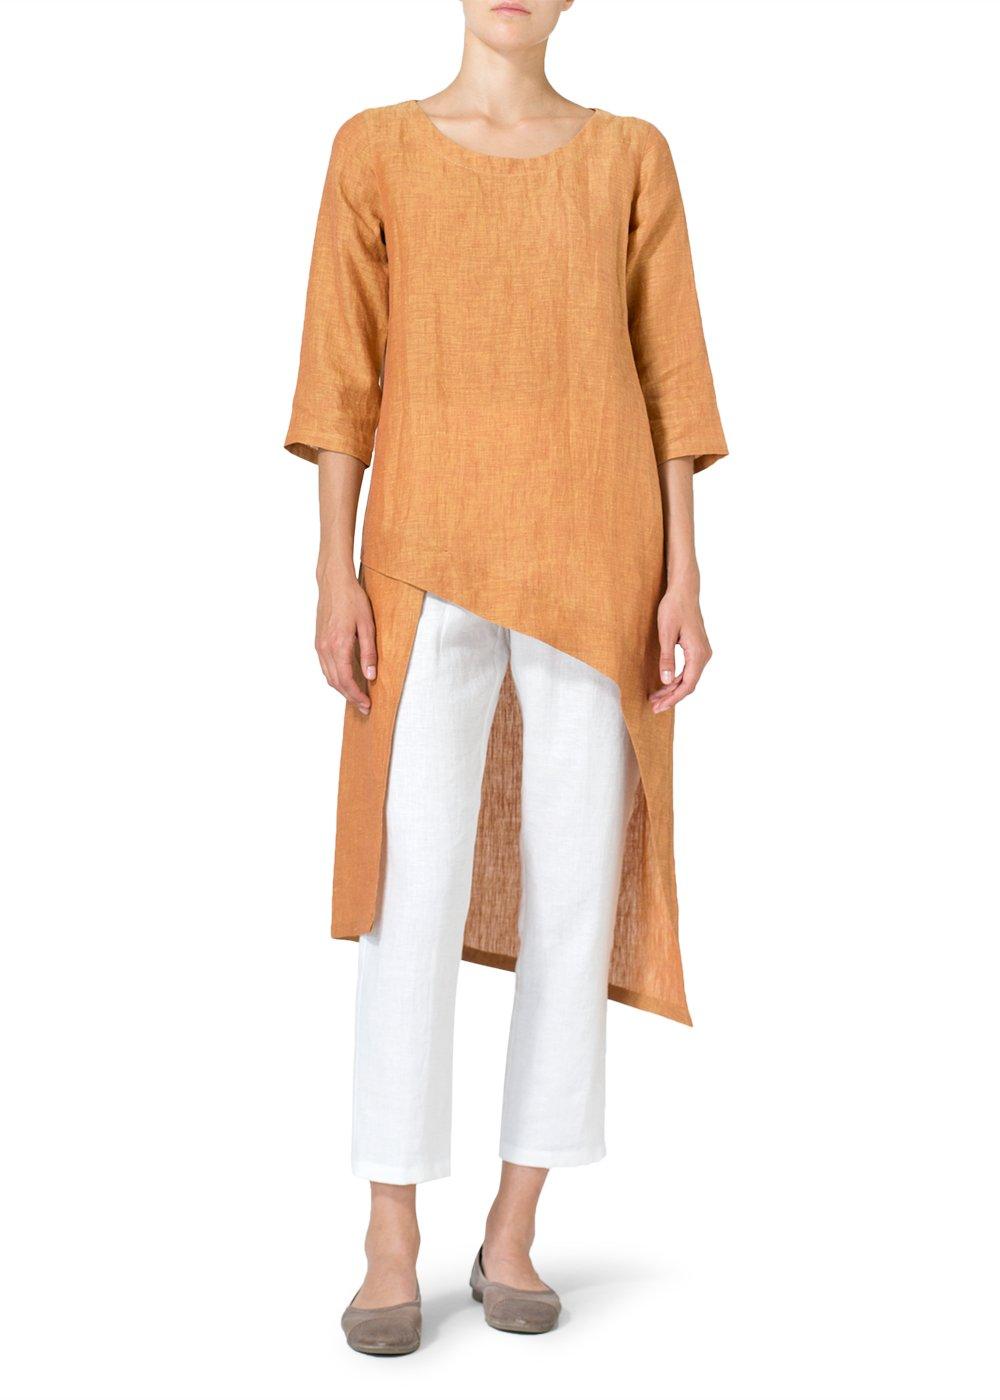 Vivid Linen Asymmetrical Tunic-S-Golden Brown